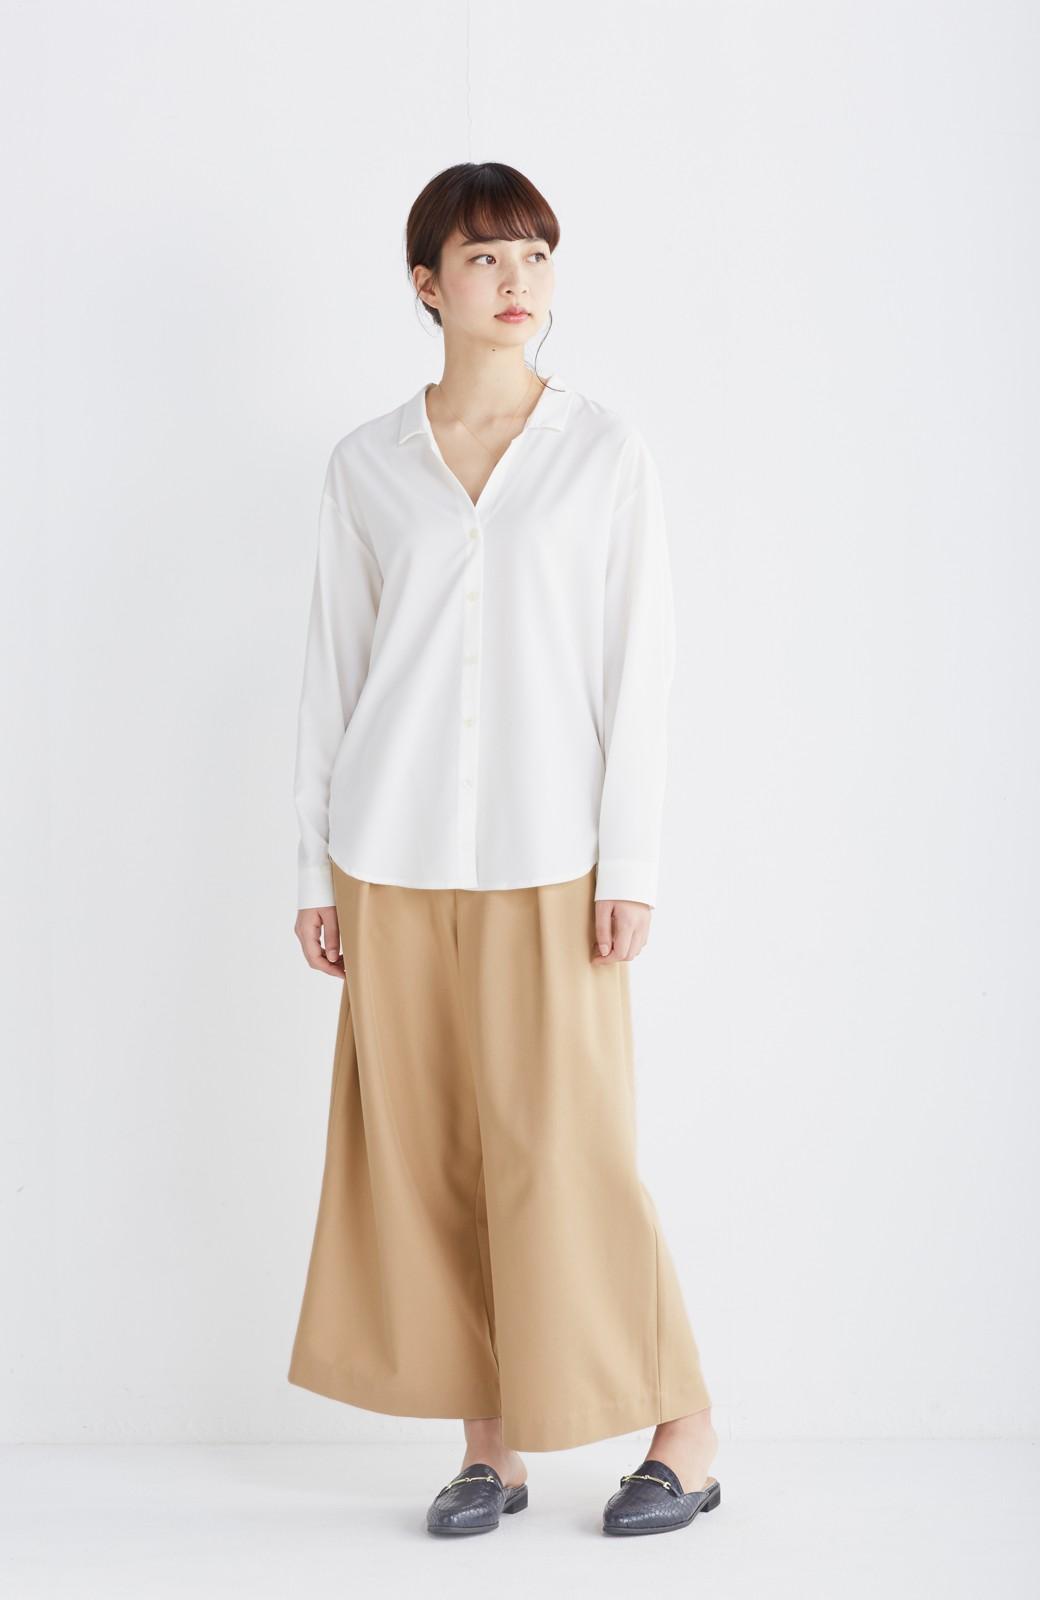 エムトロワ 女らしくてかっこいい スキッパー&抜き衿のとろみシャツ <ホワイト>の商品写真5